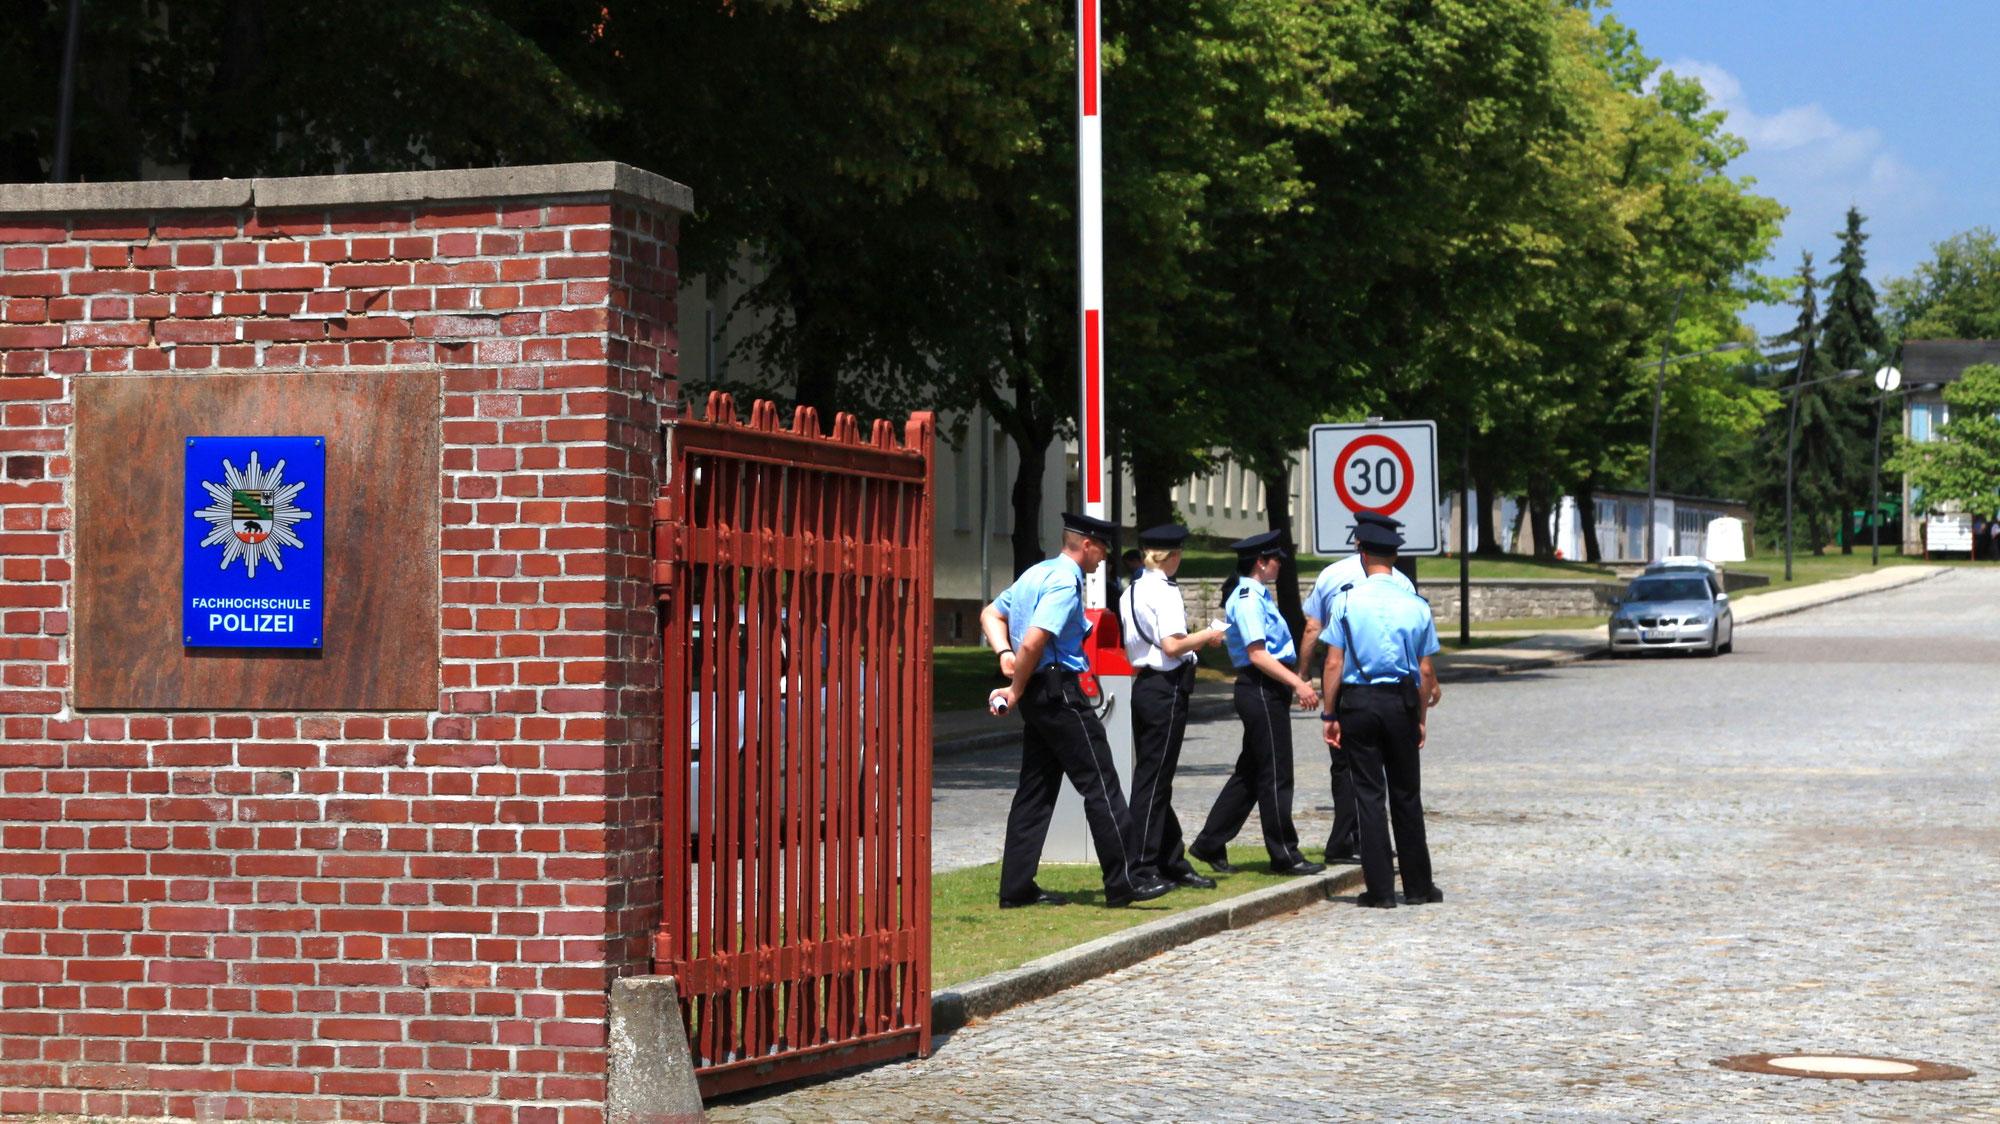 Polizeianwärterinnen und Polizeianwärter ernannt